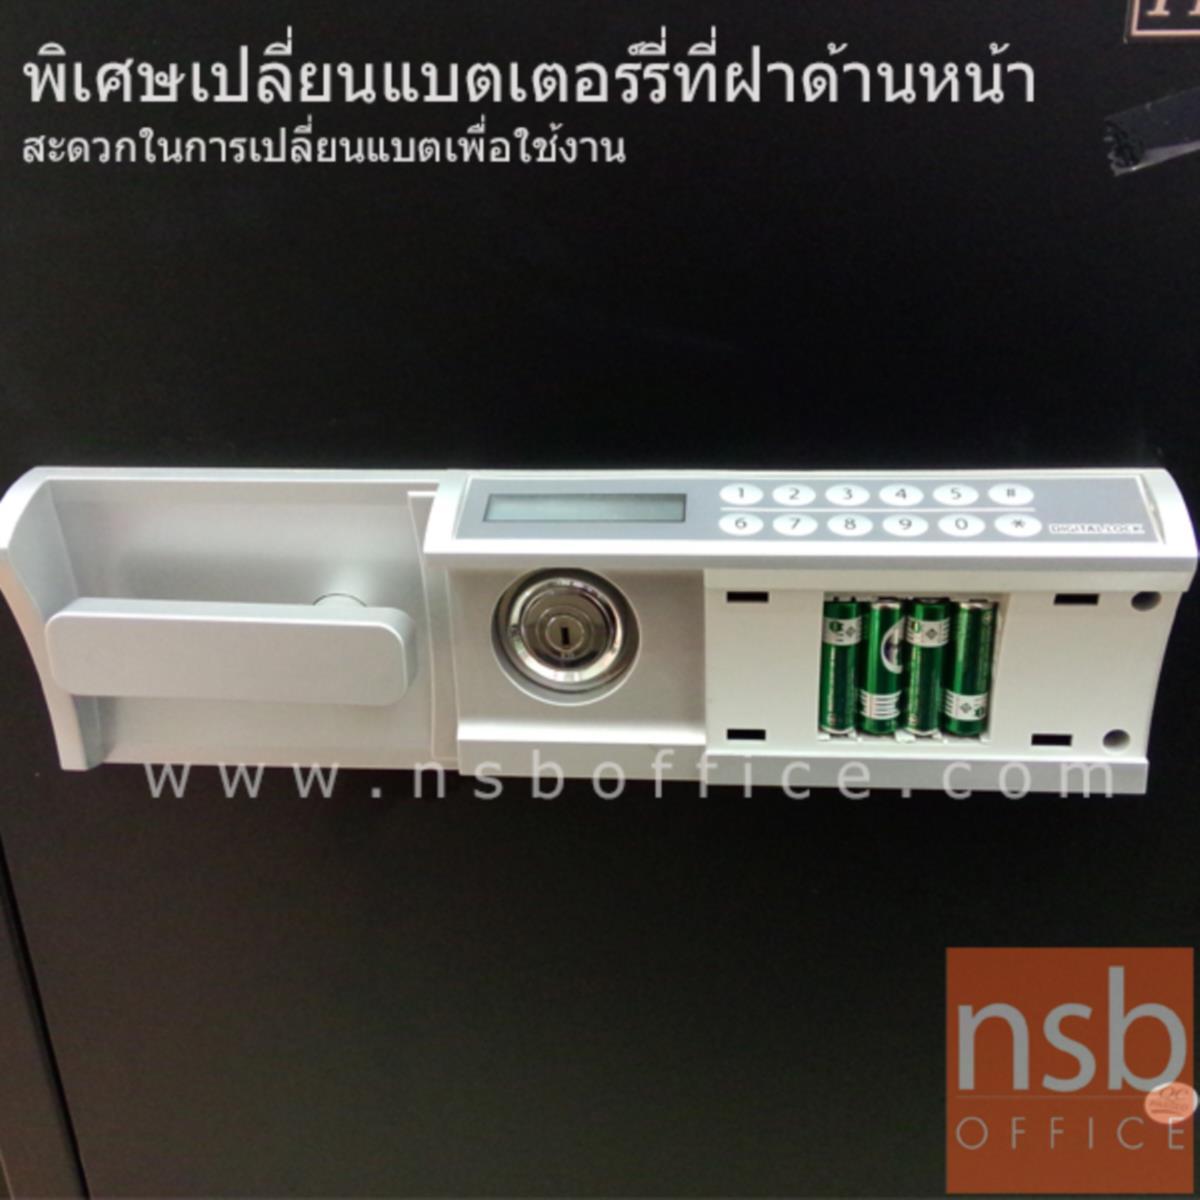 ตู้เซฟดิจิตอล 190 กก.  รุ่น PRESIDENT-SB40D2  มี 1 กุญแจ 1 รหัส (รหัสใช้กดหน้าตู้)